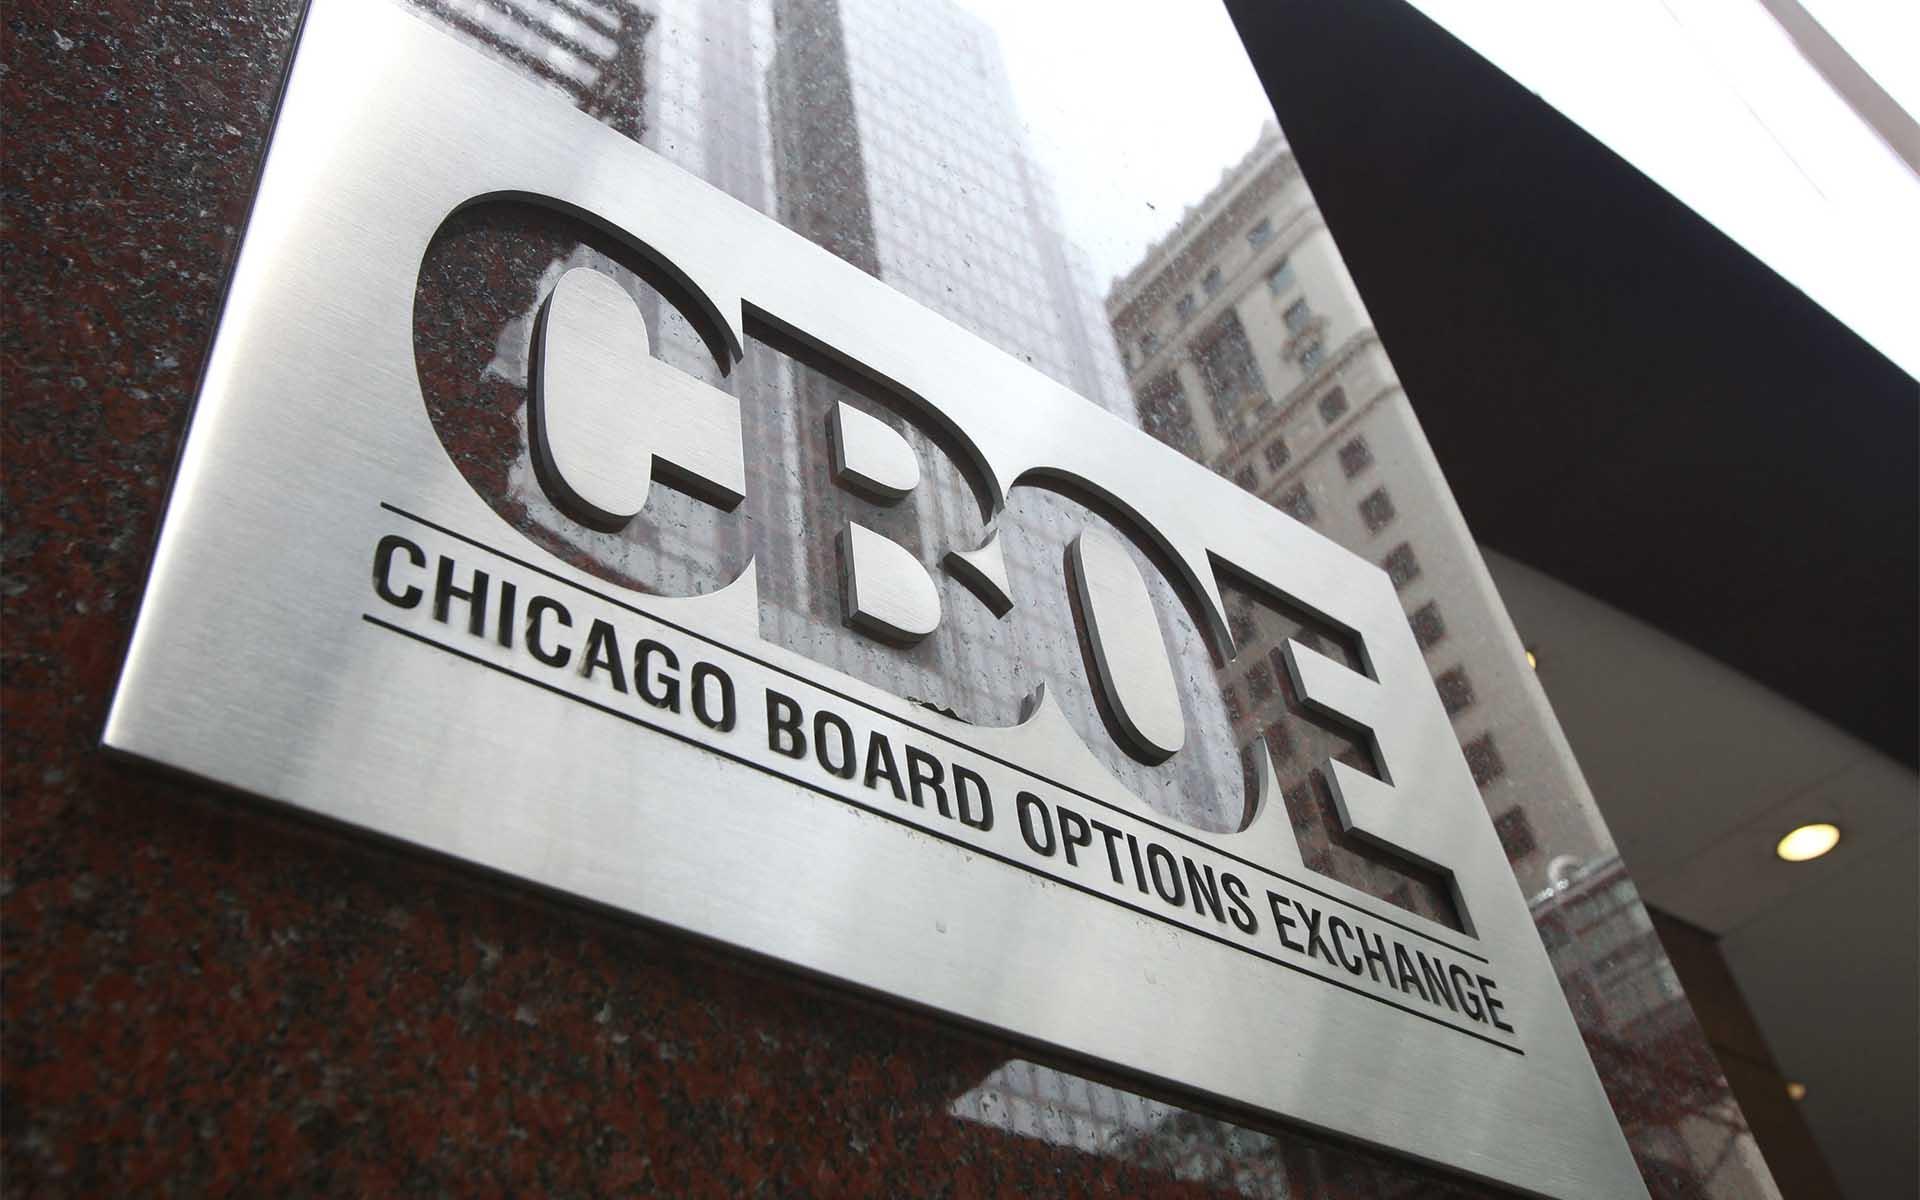 Nghiên cứu: Khối lượng giao dịch hợp đồng tương lai Bitcoin trên CBOE và CME năm 2018